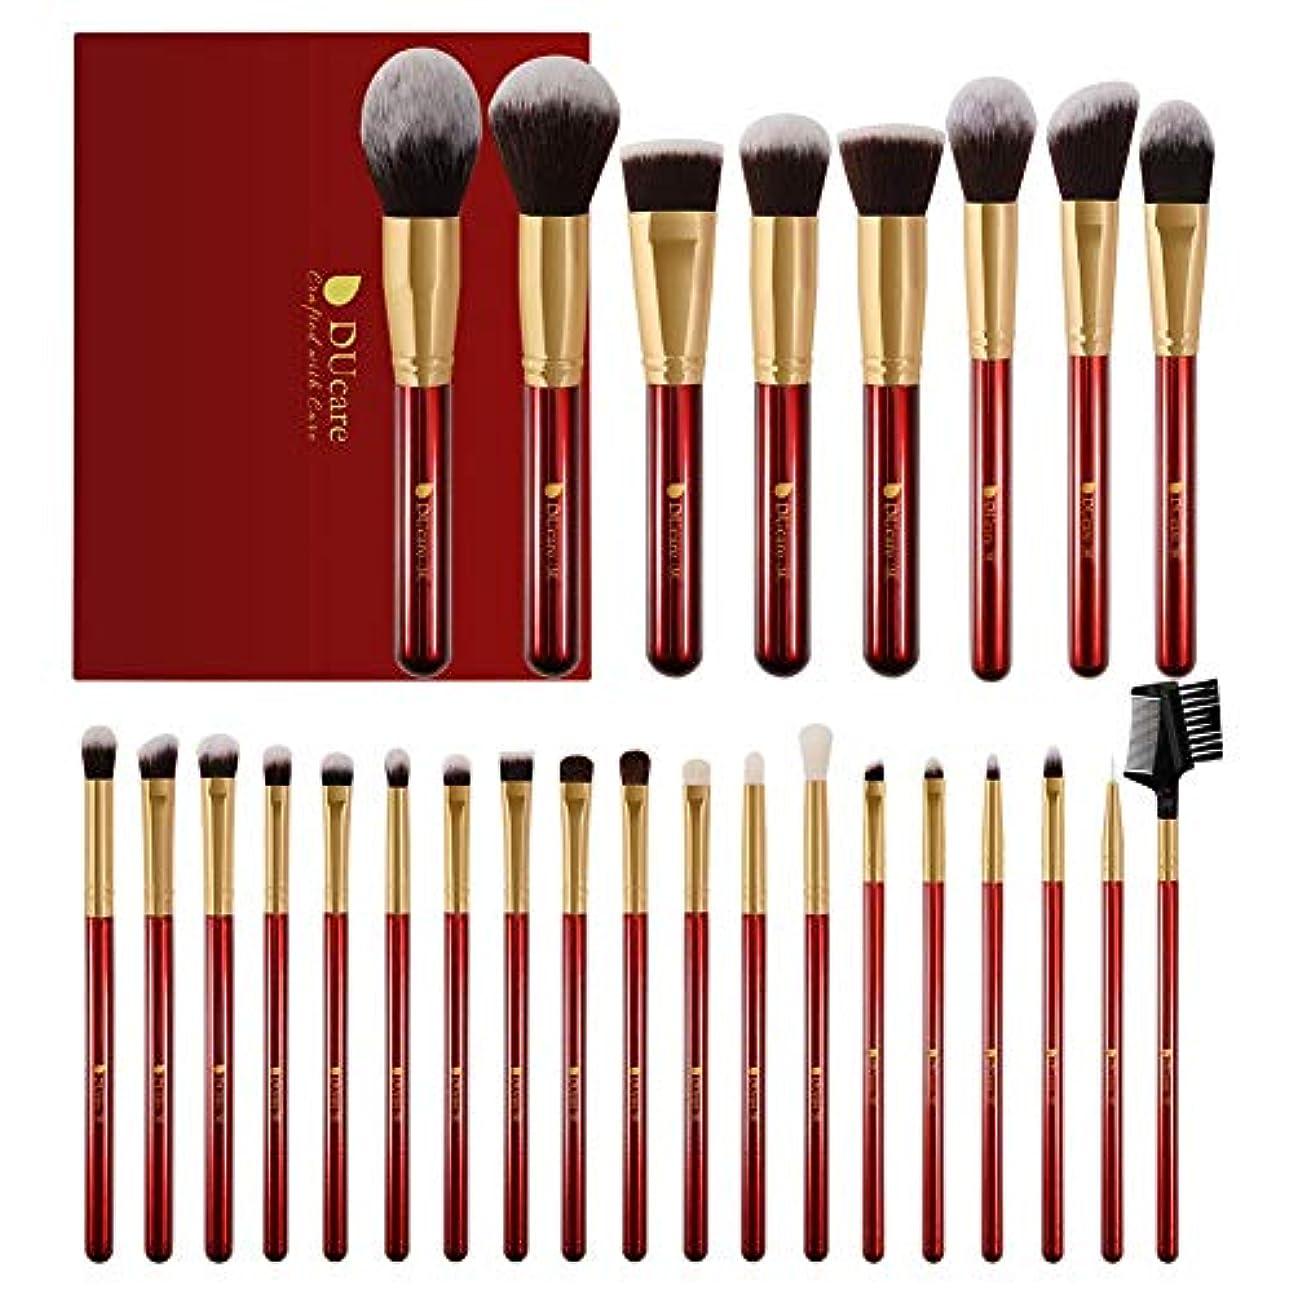 請求可能タフおとうさんDUcare ドゥケア メイクブラシ 27本セット 化粧筆 フェイスブラシ PBT毛&天然毛 (赤) 同シリーズでブラックあり DFシリーズ2725